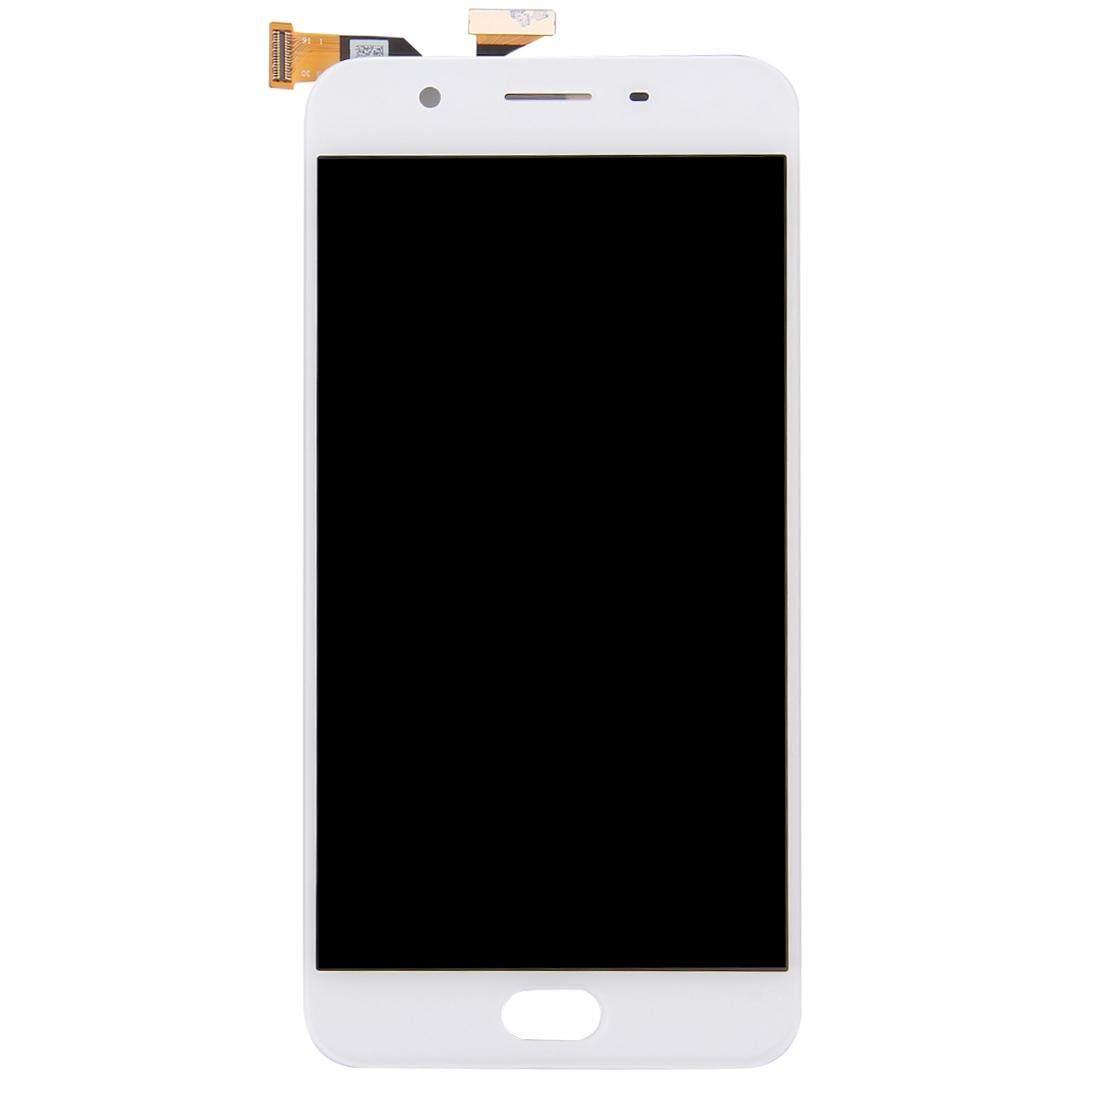 OPPO A59/F1s Layar LCD dan Digitizer Penuh Perakitan (Putih)